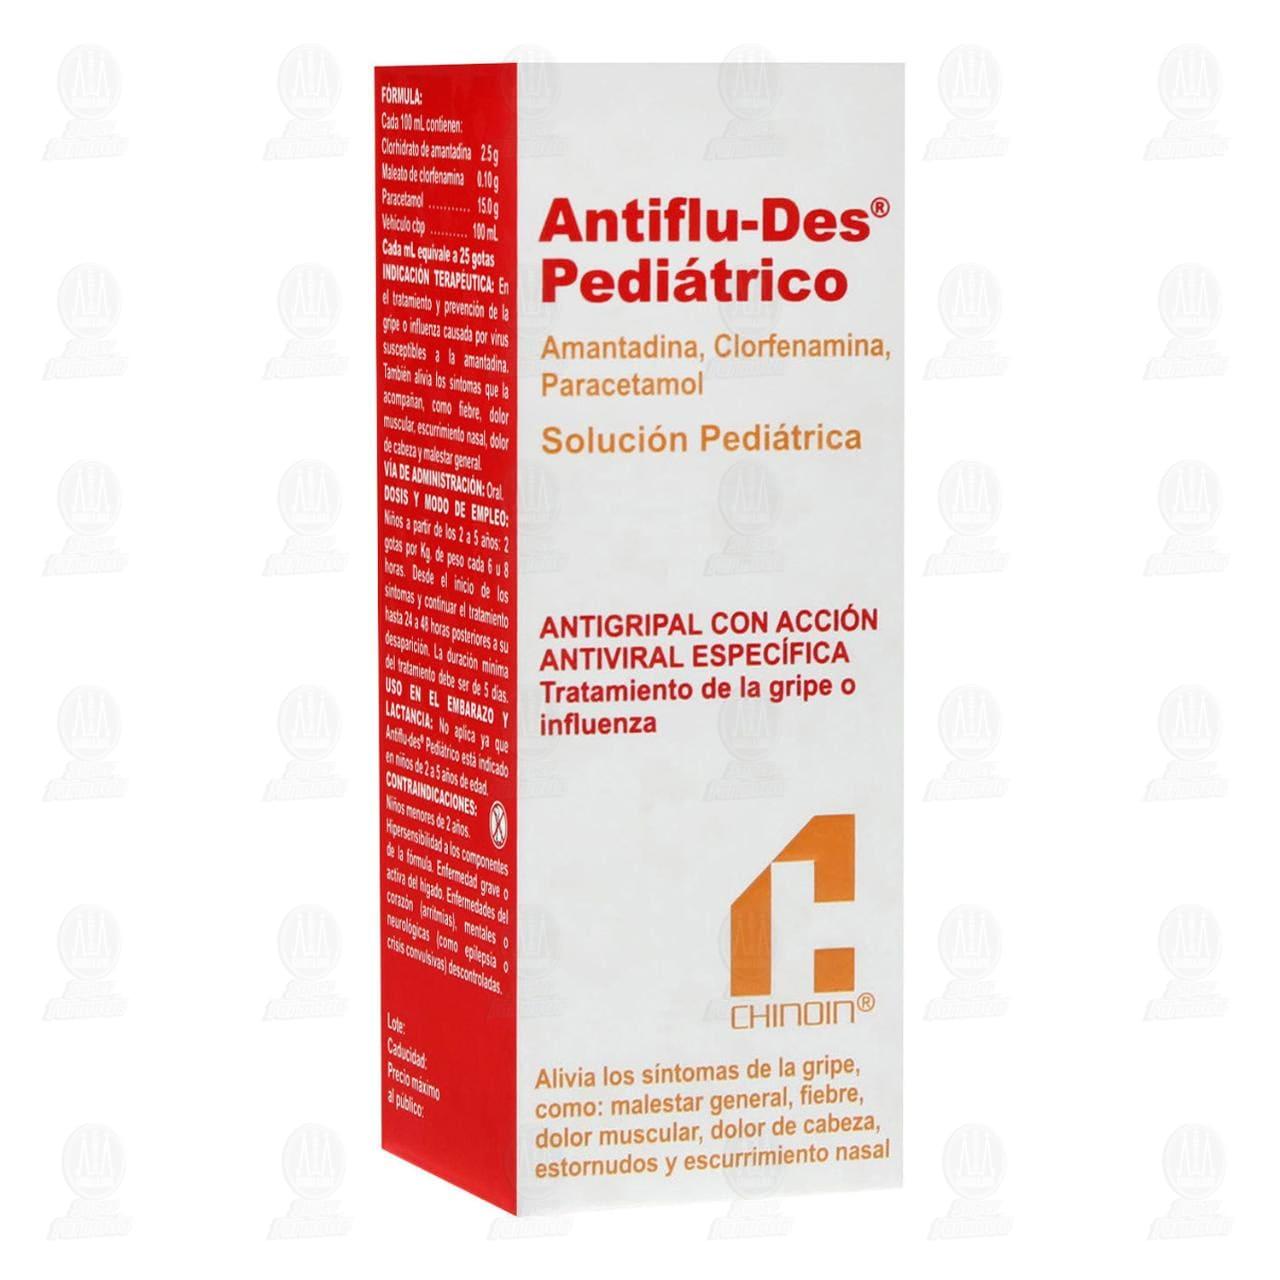 Comprar Antiflu-Des Pediátrico 30ml Solución en Farmacias Guadalajara